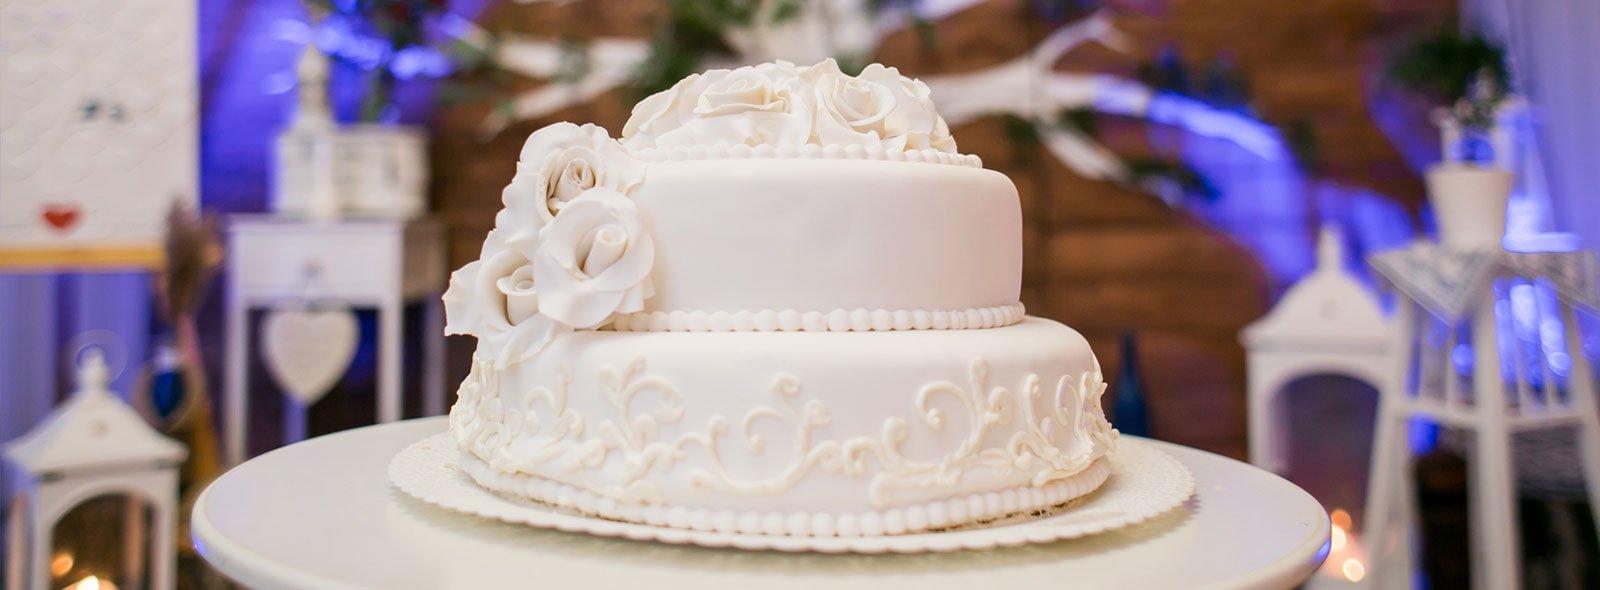 Una torta nuziale con delle decorazione con dei fiori bianchi